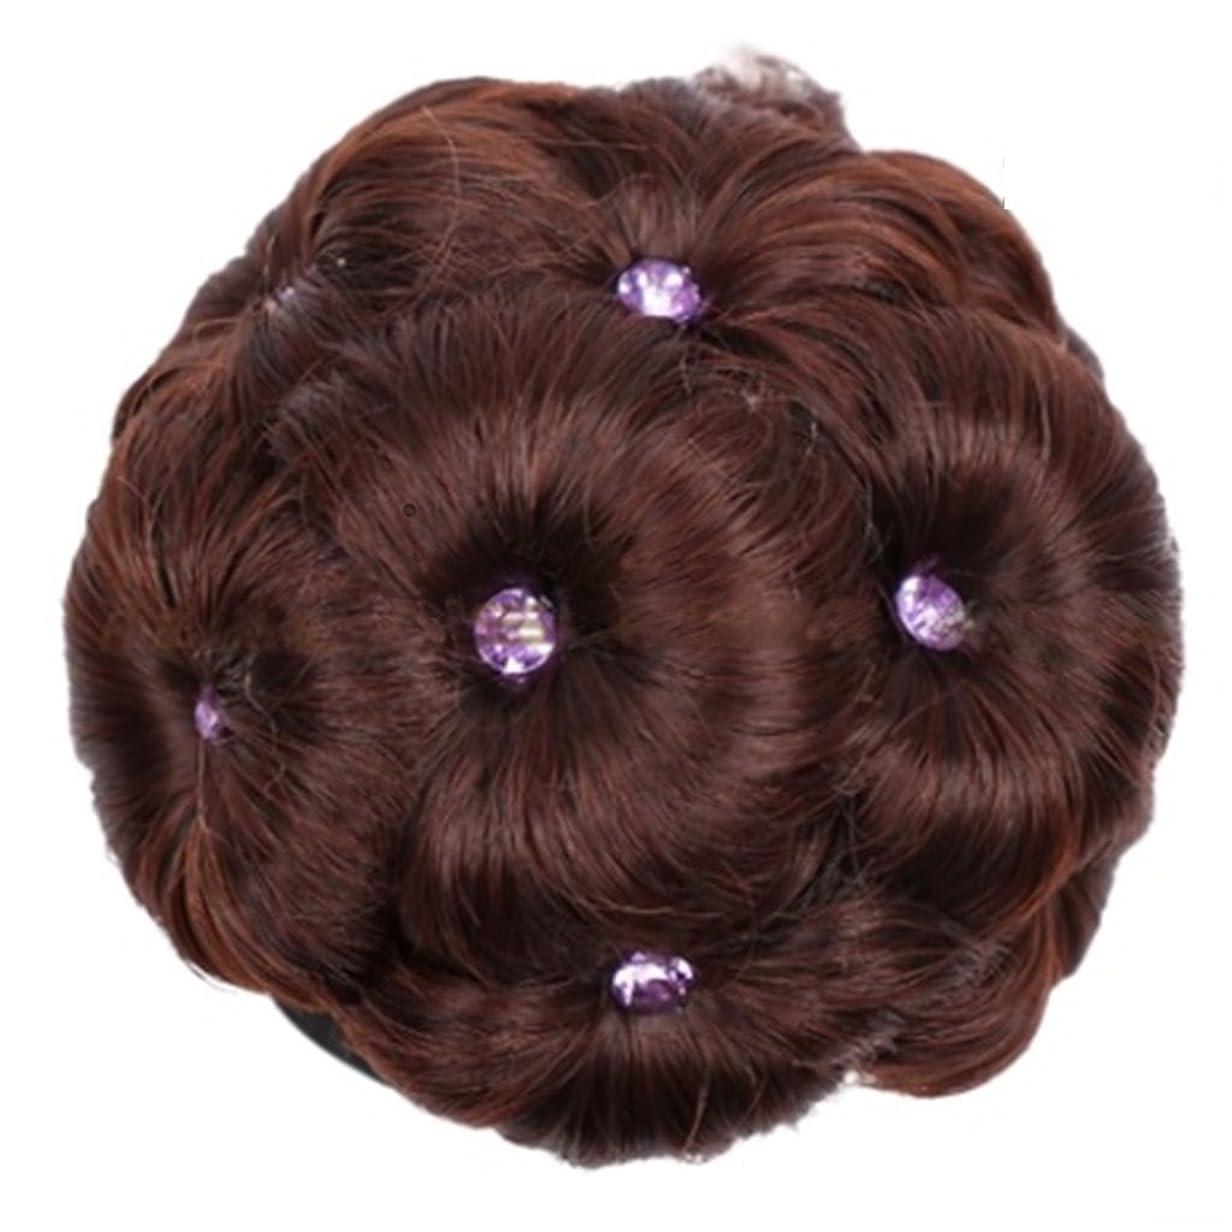 伝導率バーベキュー正確なKoloeplf 合成繊維髪の毛の拡張子のドリル九花の女性と女性のためのヘアピース (Color : 2/33#)